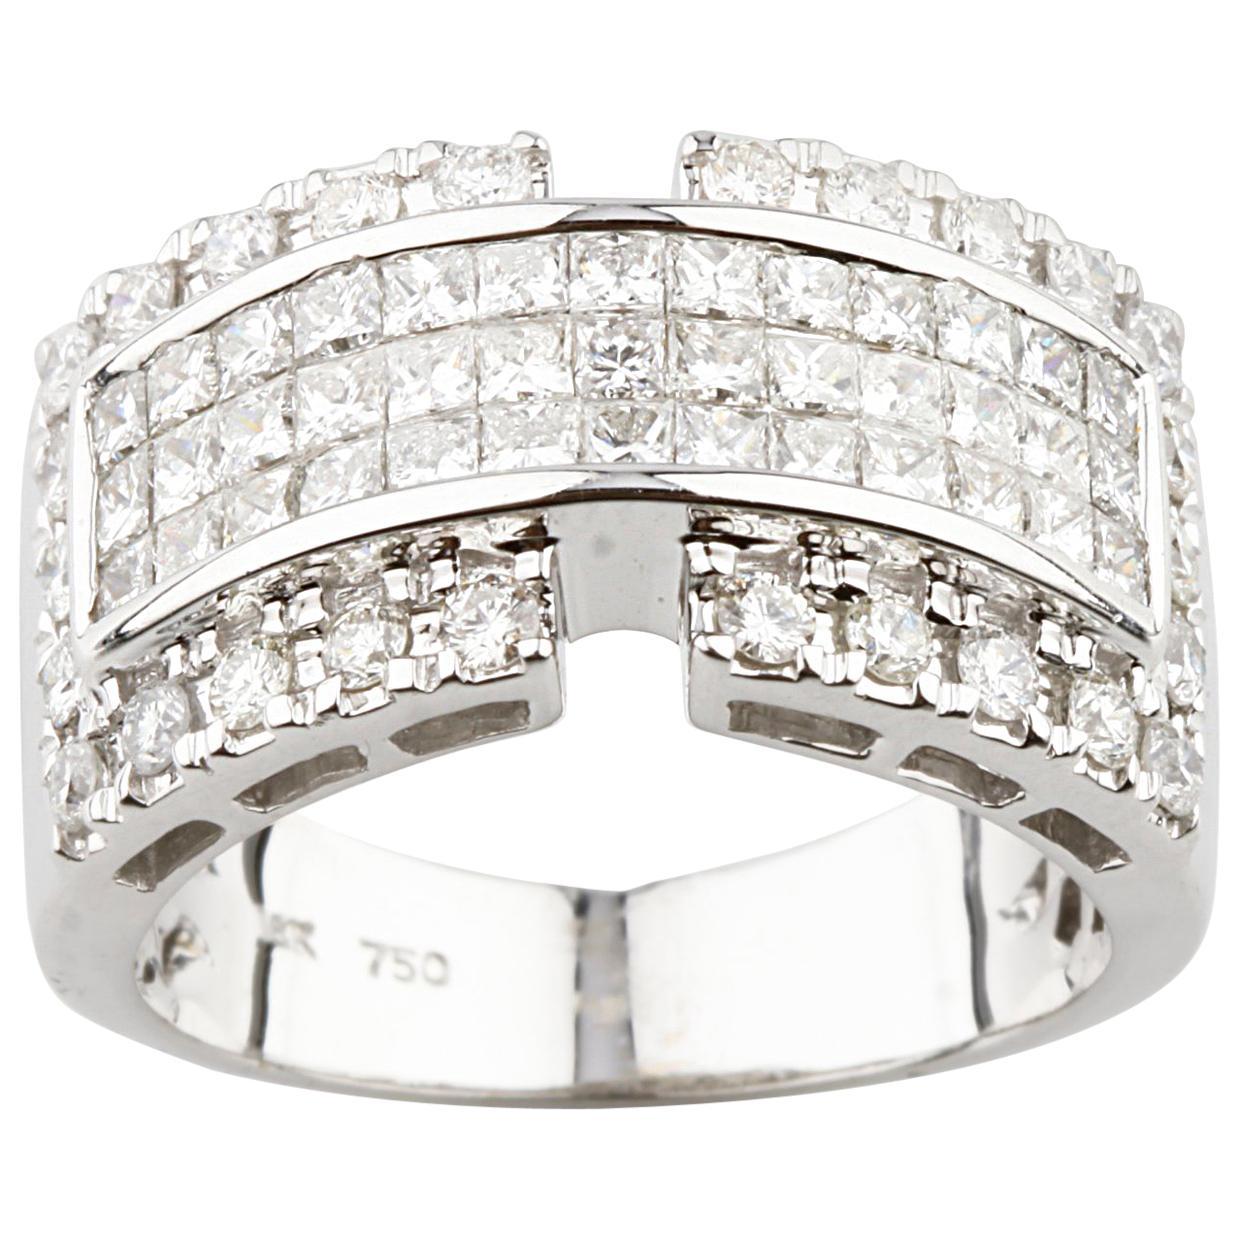 Princess Cut Diamond Invisibly Set 18 Karat White Gold Band Ring